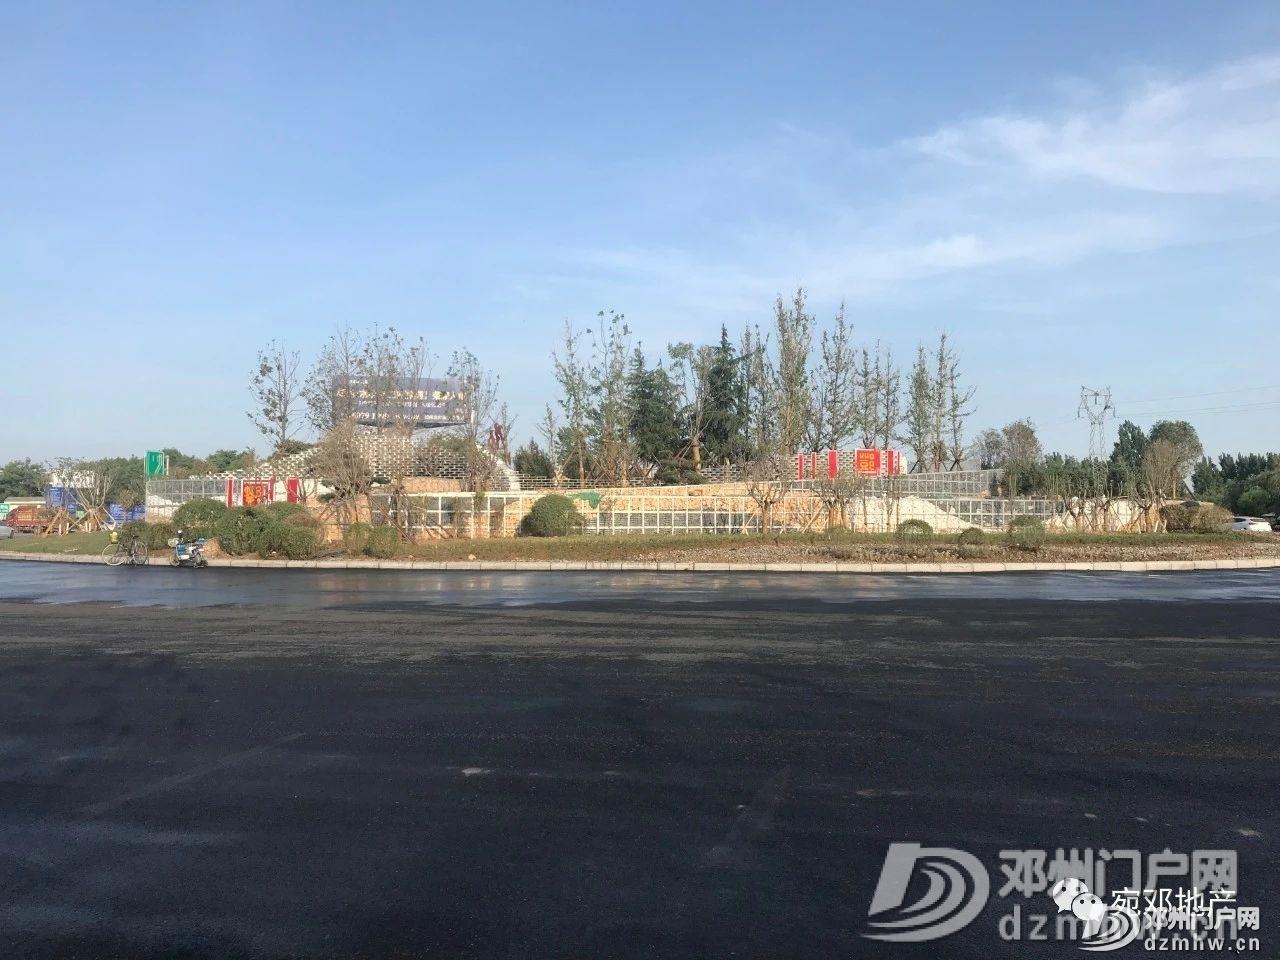 最新实拍!邓州高速口大转盘已建成 - 邓州门户网 邓州网 - 4160f01f67d9712903ccbc469abb7158.jpg